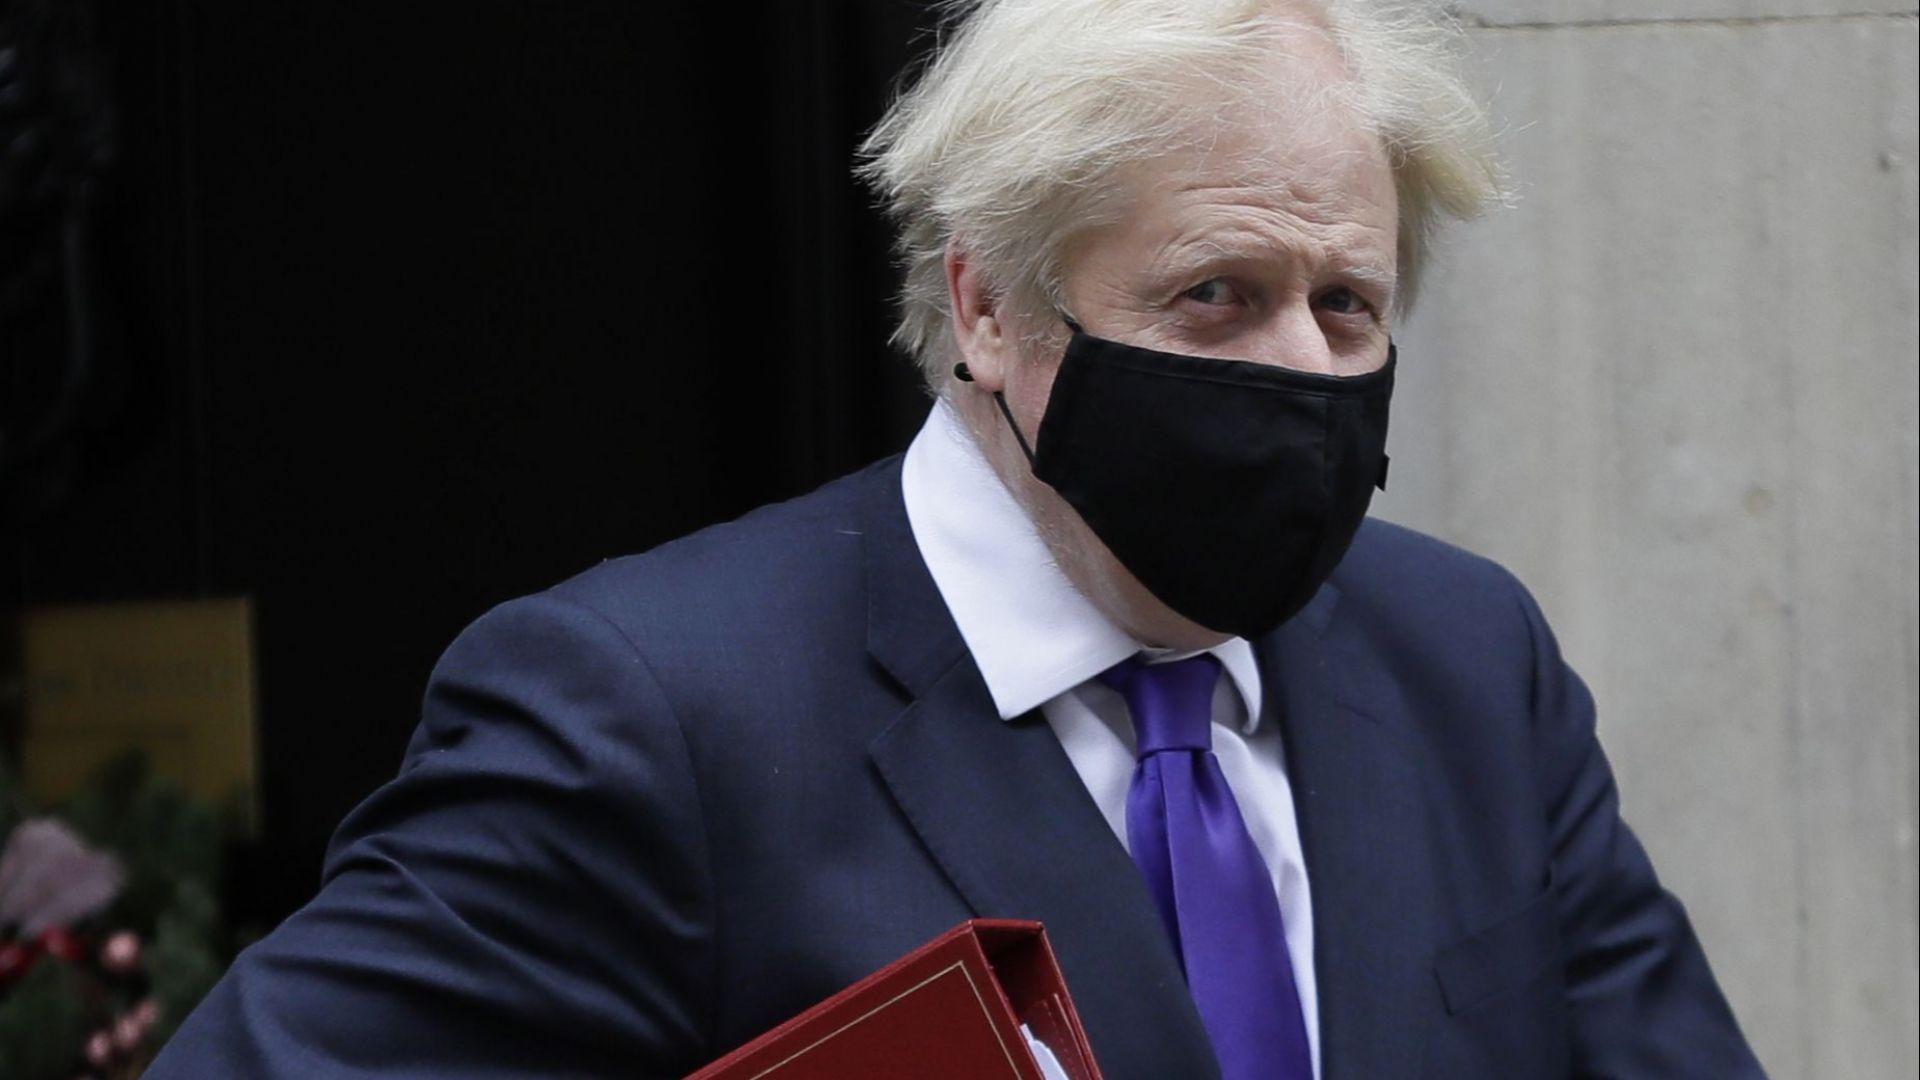 Още няма изгледи за Брекзит със сделка, Джонсън може да се откаже от преговорите до часове